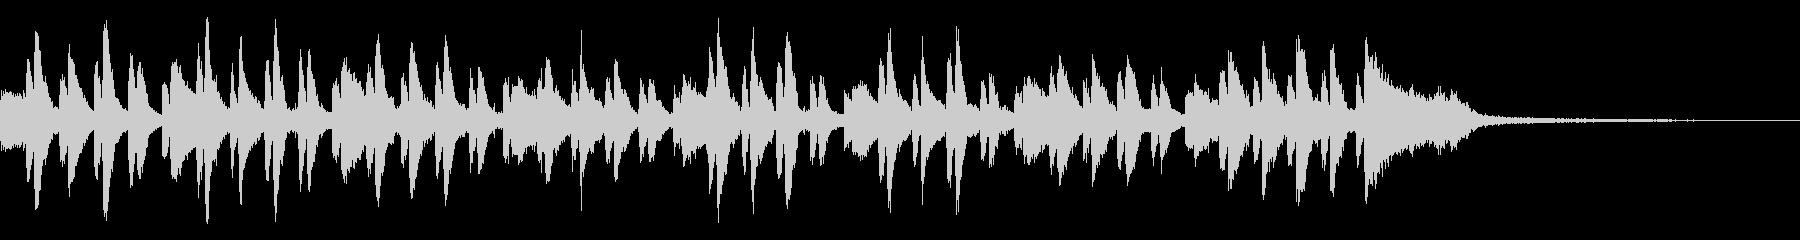 ピアノコンチェルト風~緊迫したBGM~の未再生の波形